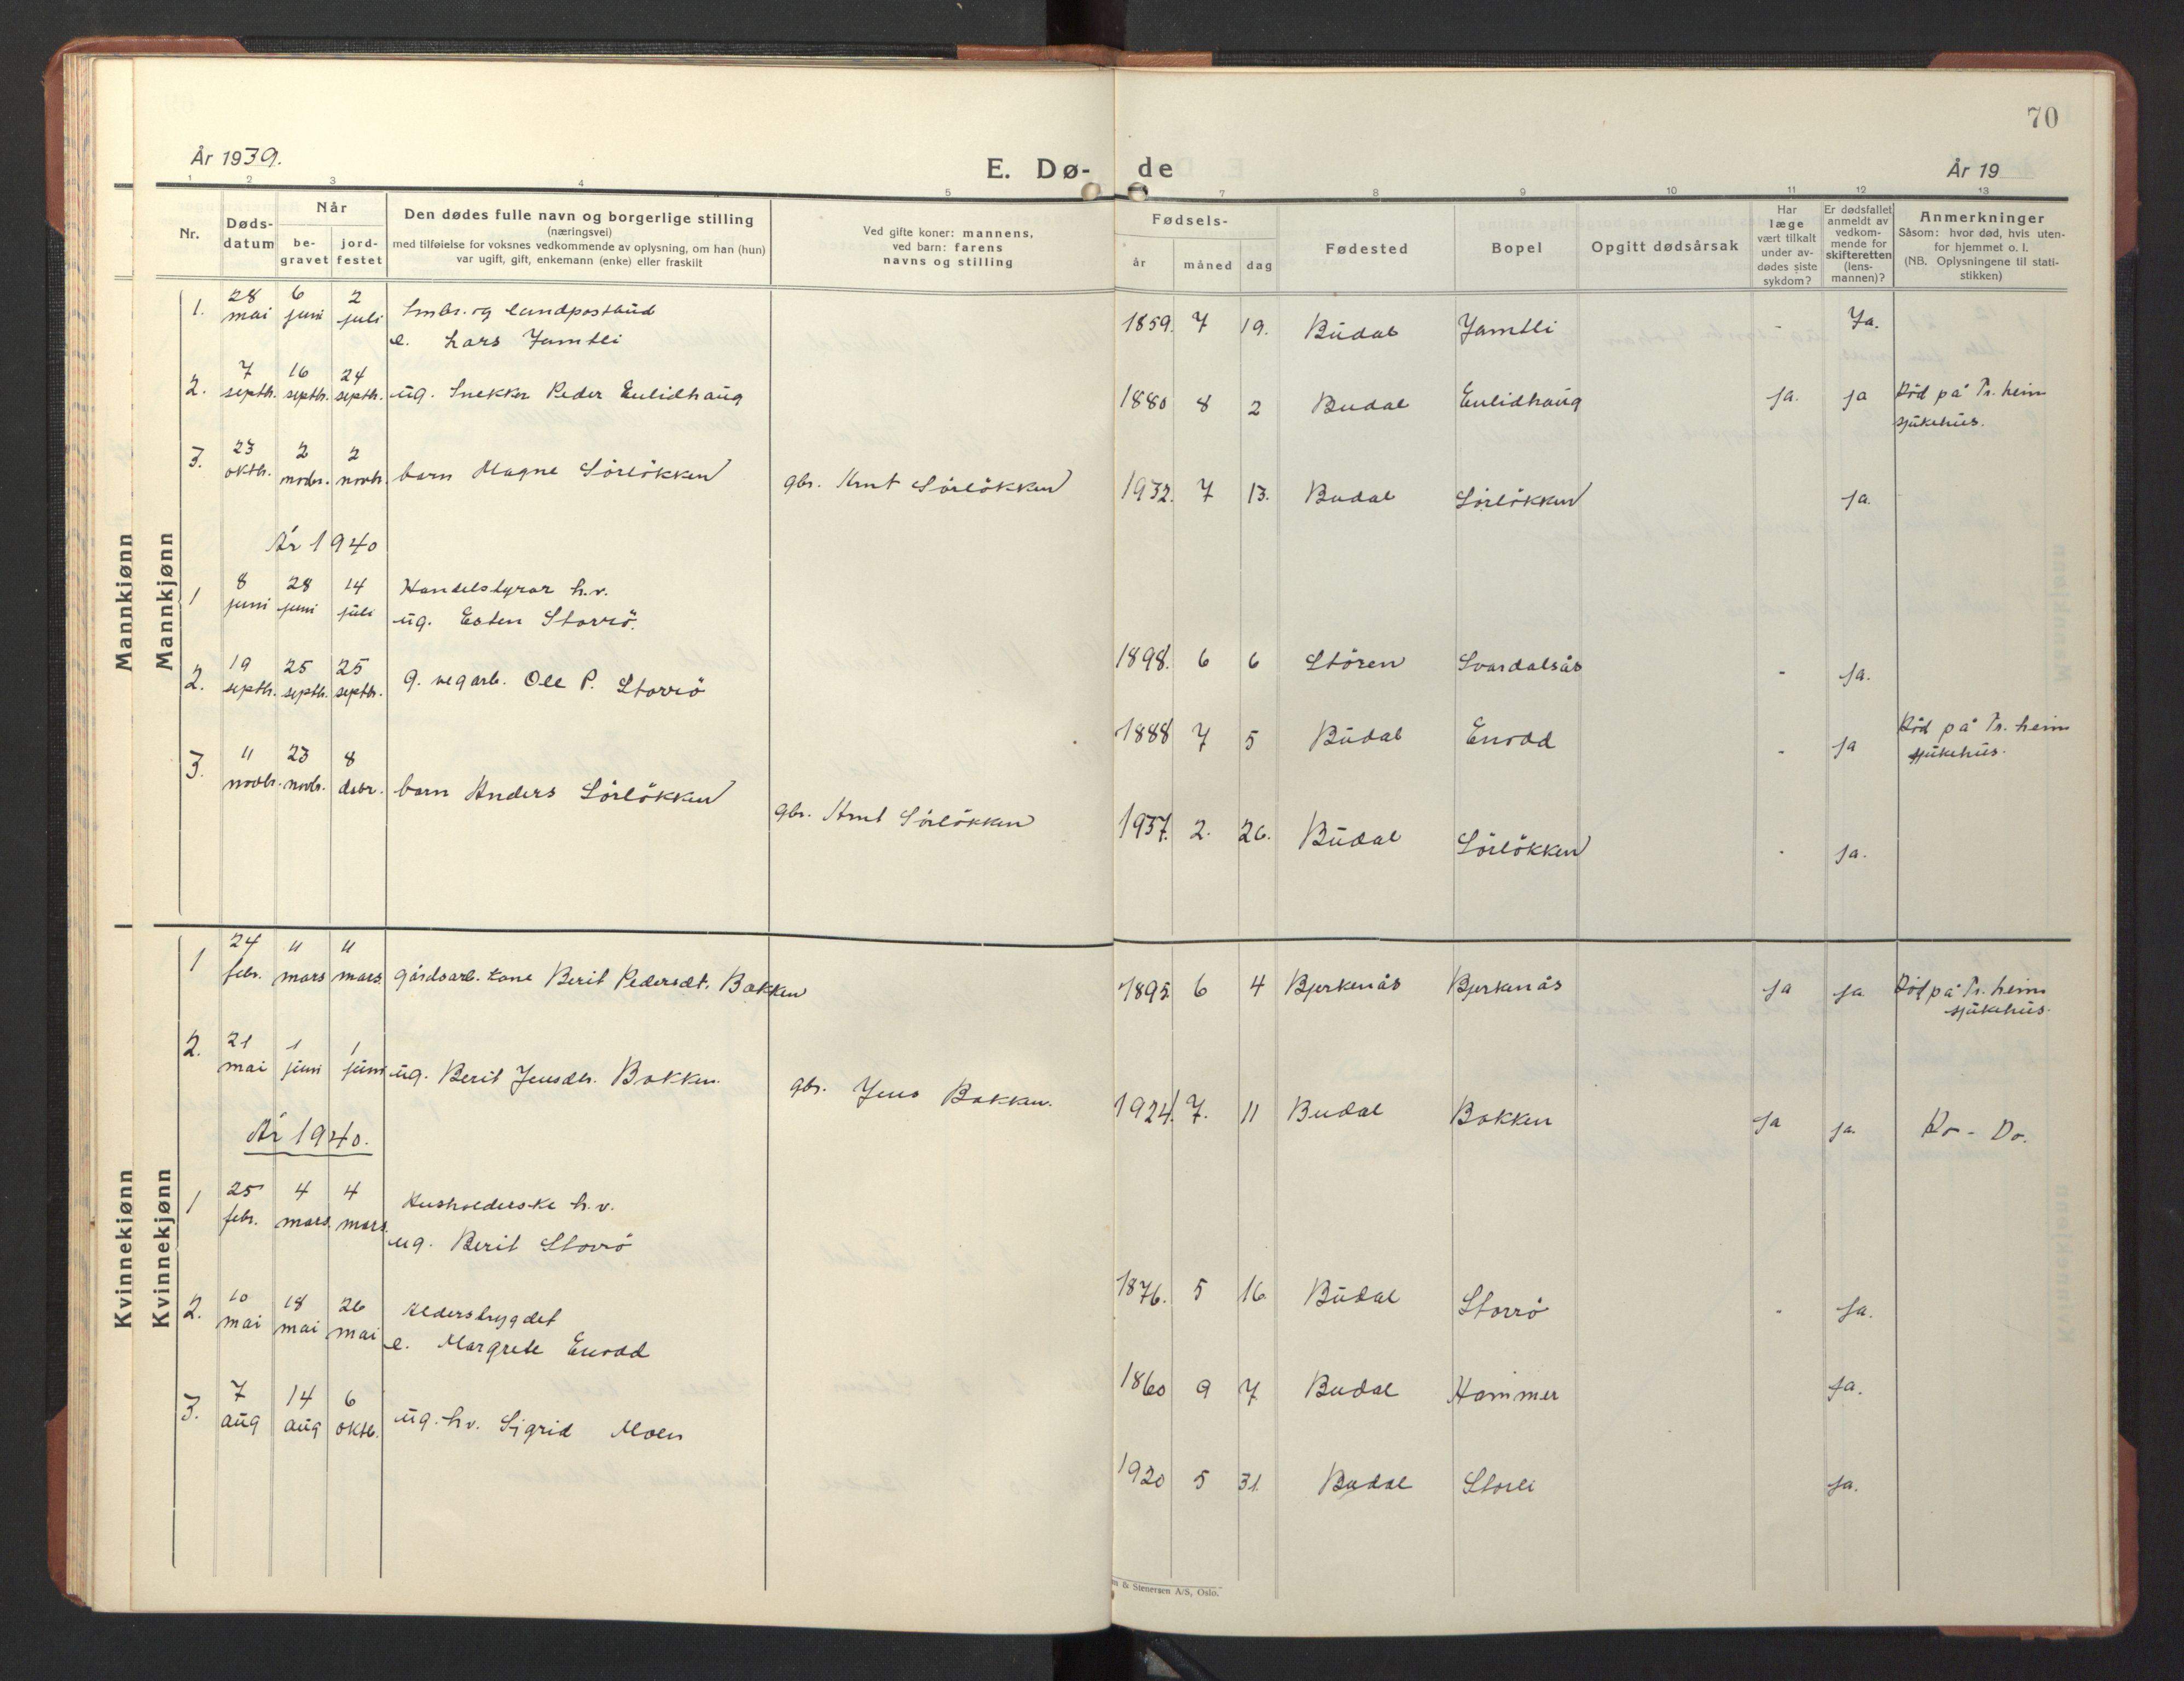 SAT, Ministerialprotokoller, klokkerbøker og fødselsregistre - Sør-Trøndelag, 690/L1053: Klokkerbok nr. 690C03, 1930-1947, s. 70